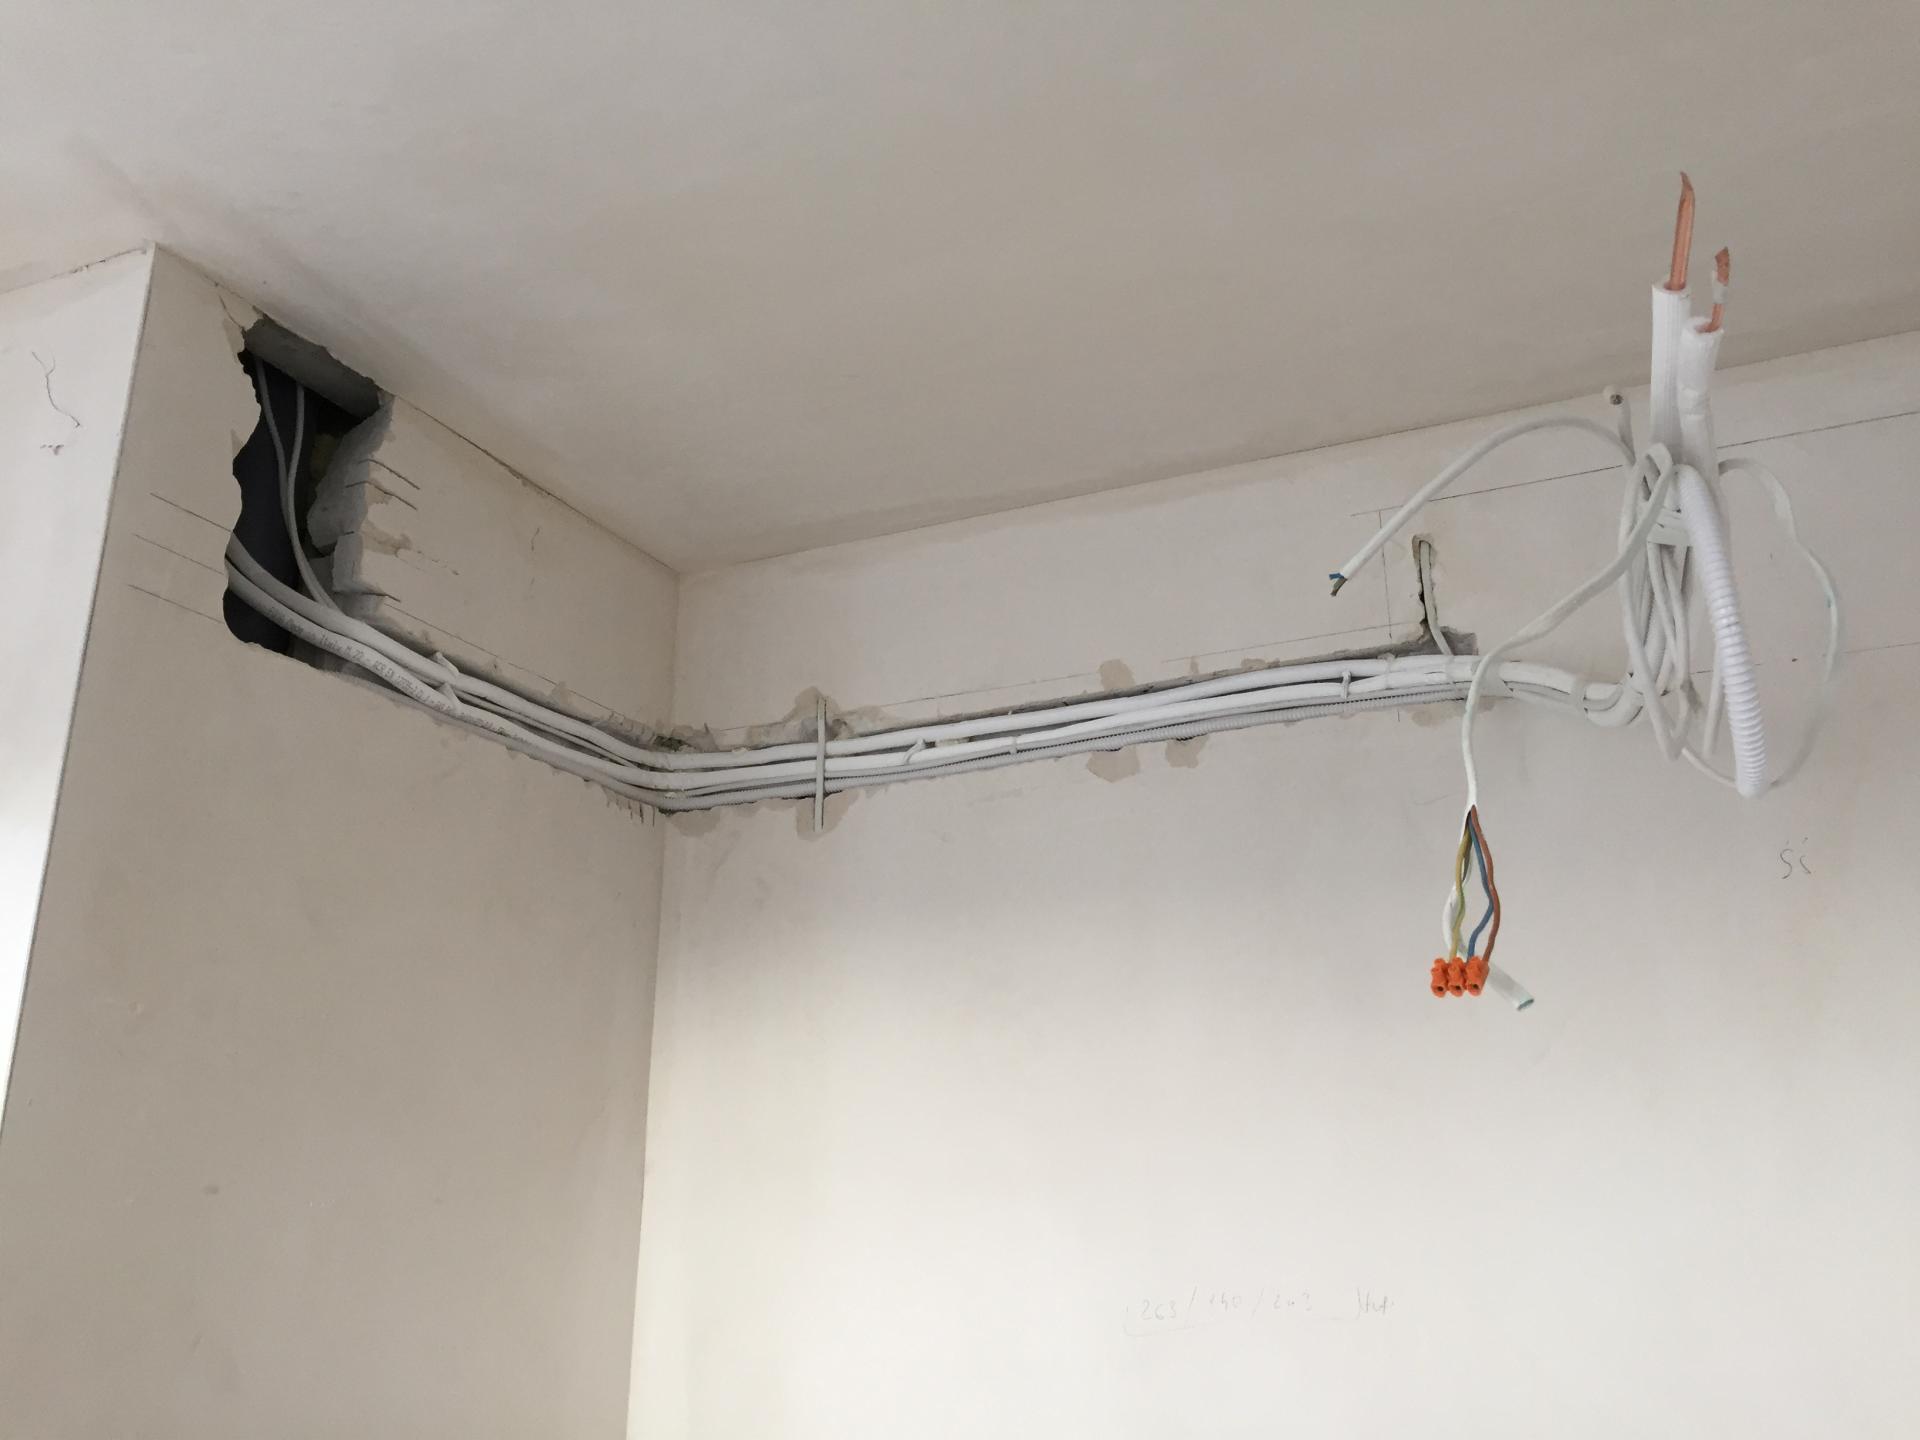 instalacja klimatyzatora w mieszkaniu w trakcie budowy.